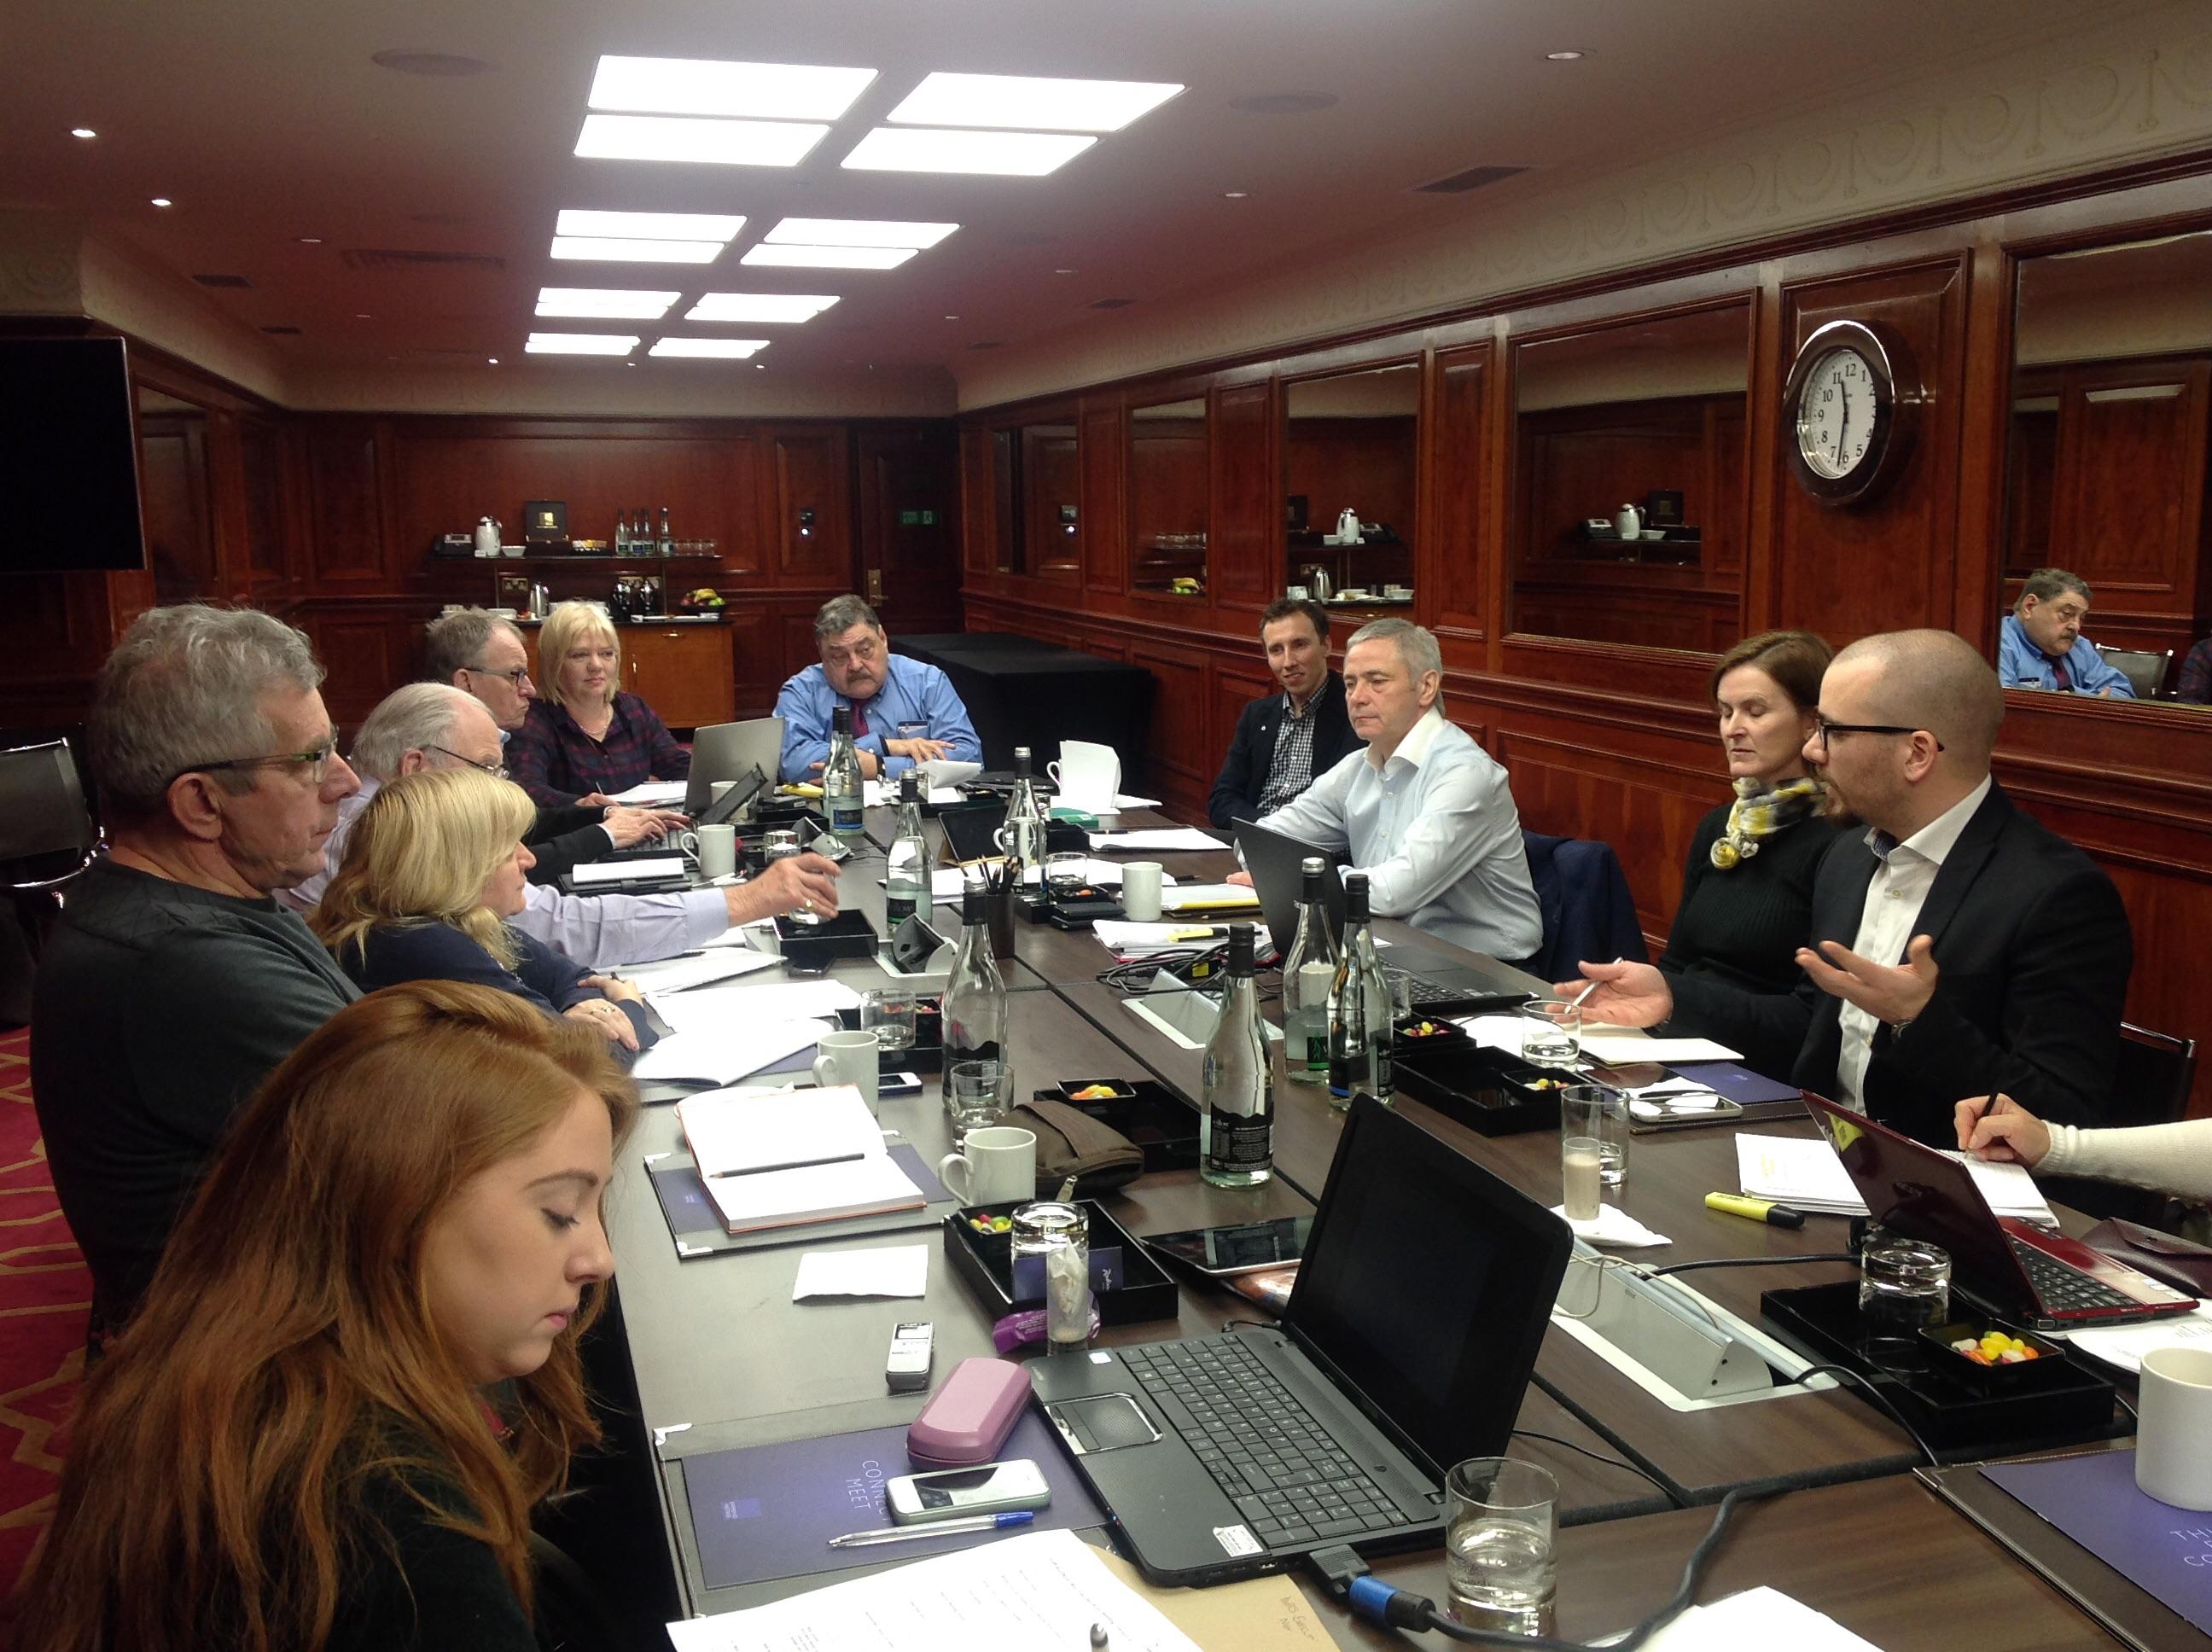 П.А. Рожков в г. Лондоне (Великобритания) принял участие в заседании Исполкома IWAS под руководством президента IWAS Пола Де Паса